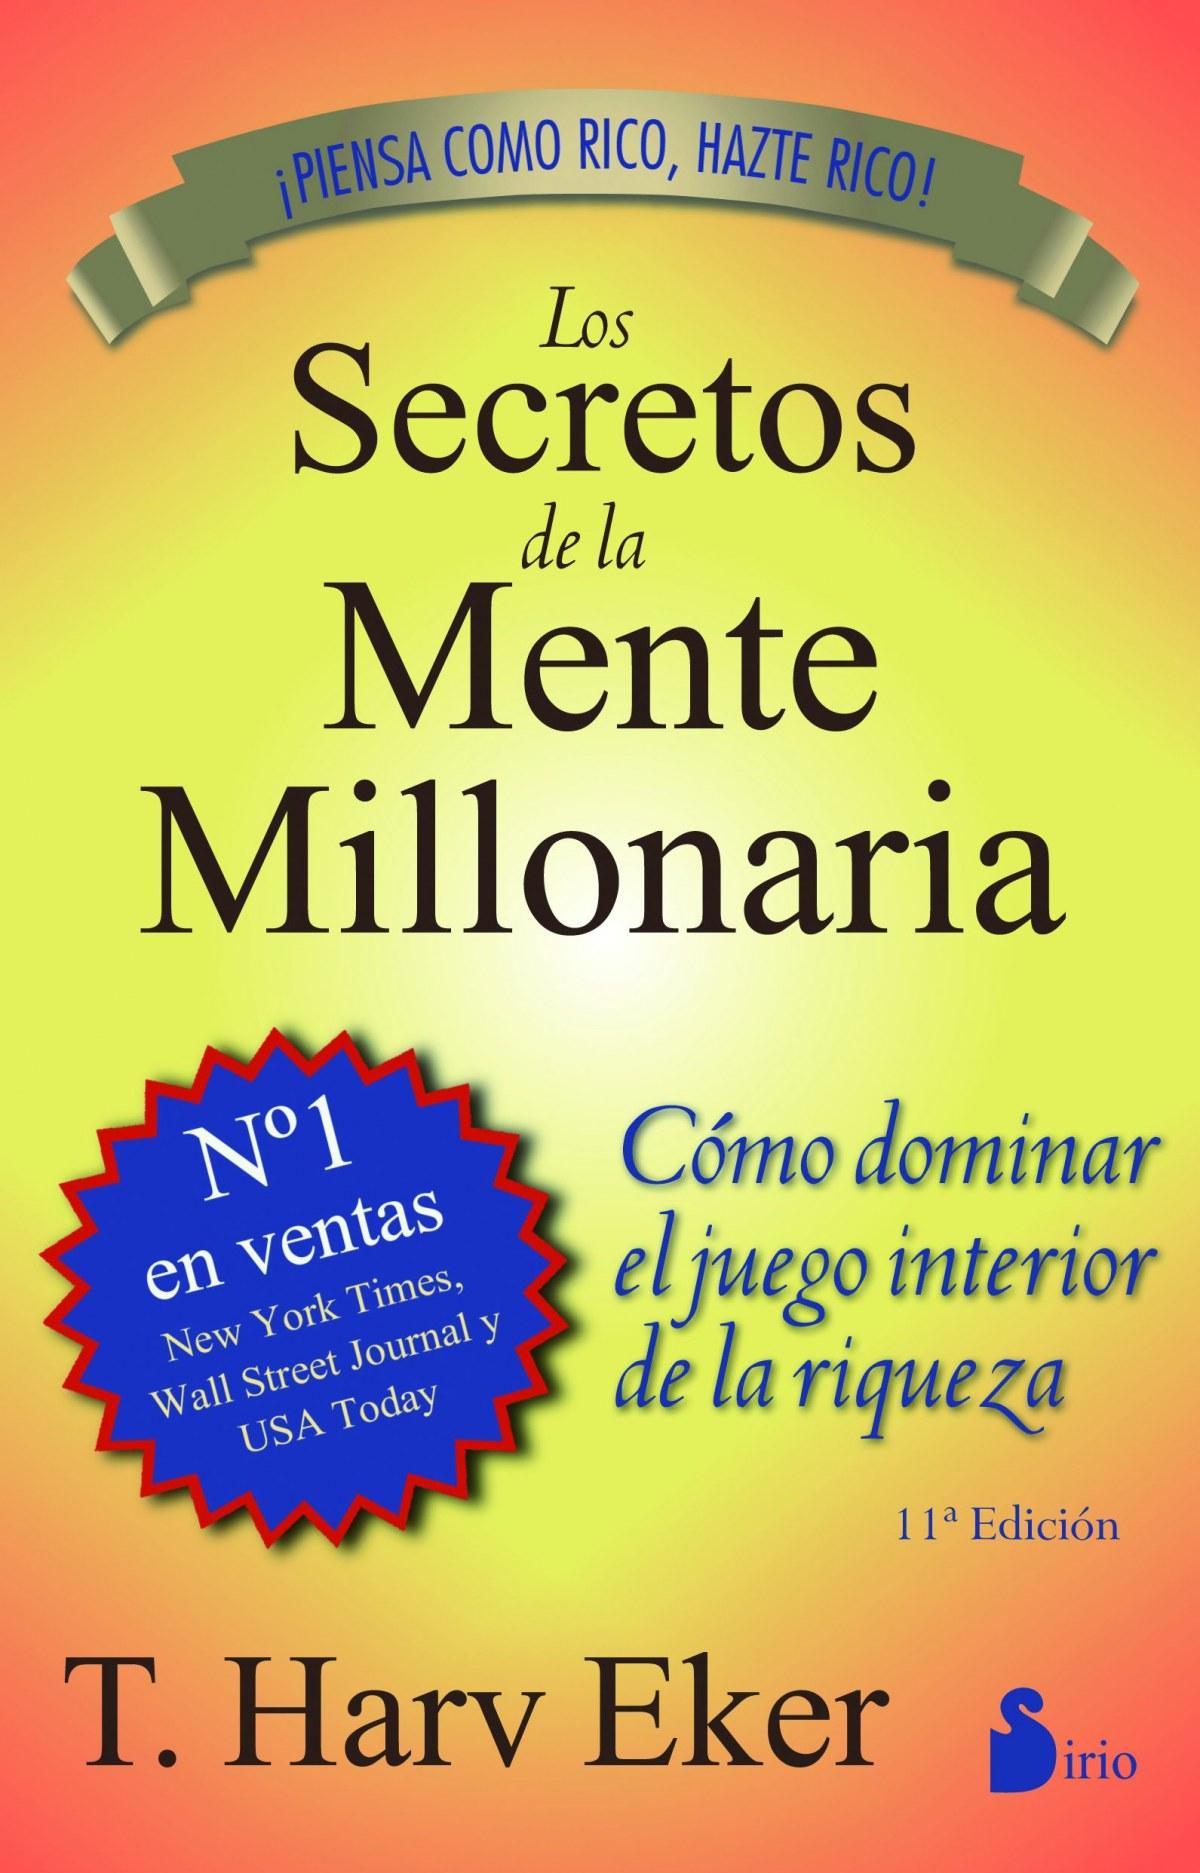 Los secretos de la mente millonaria 9788478086085